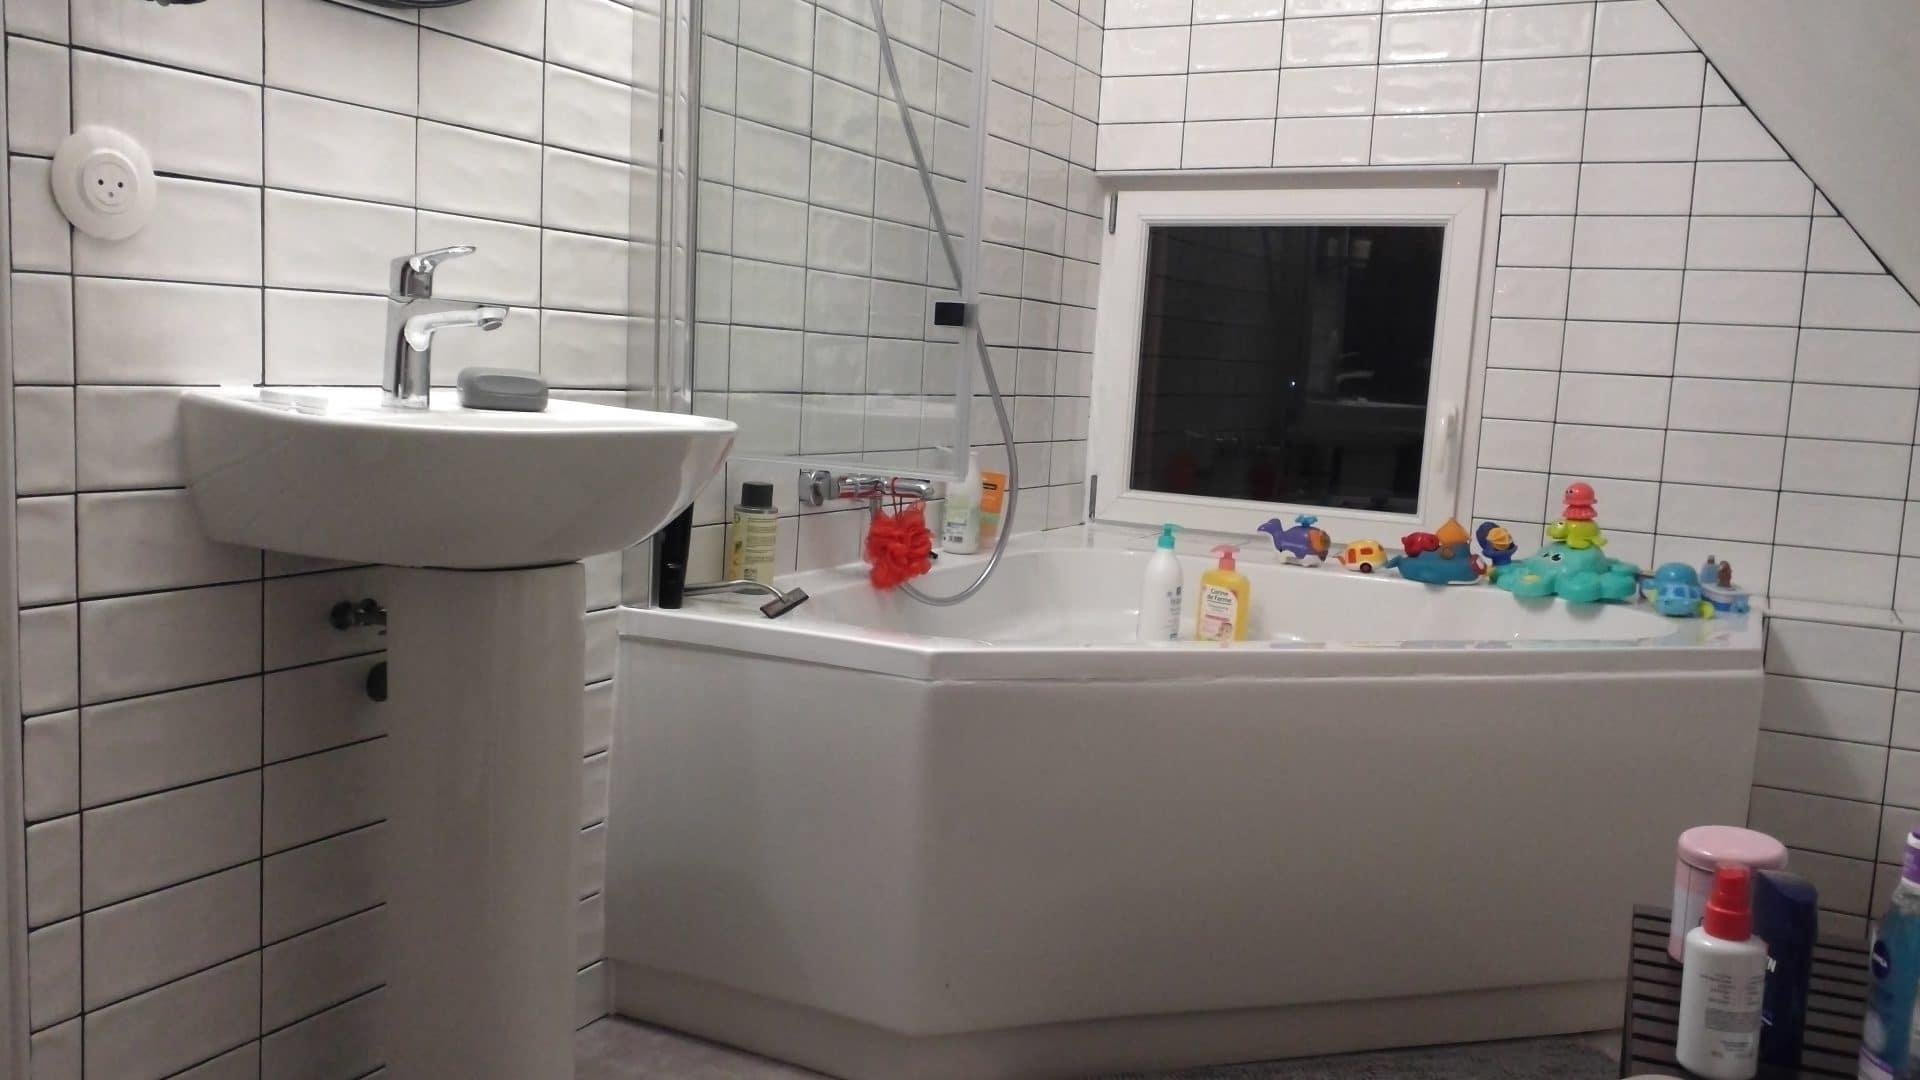 Rénovation de salle de bain avec baignoire d'angle à Courdemanche (27)